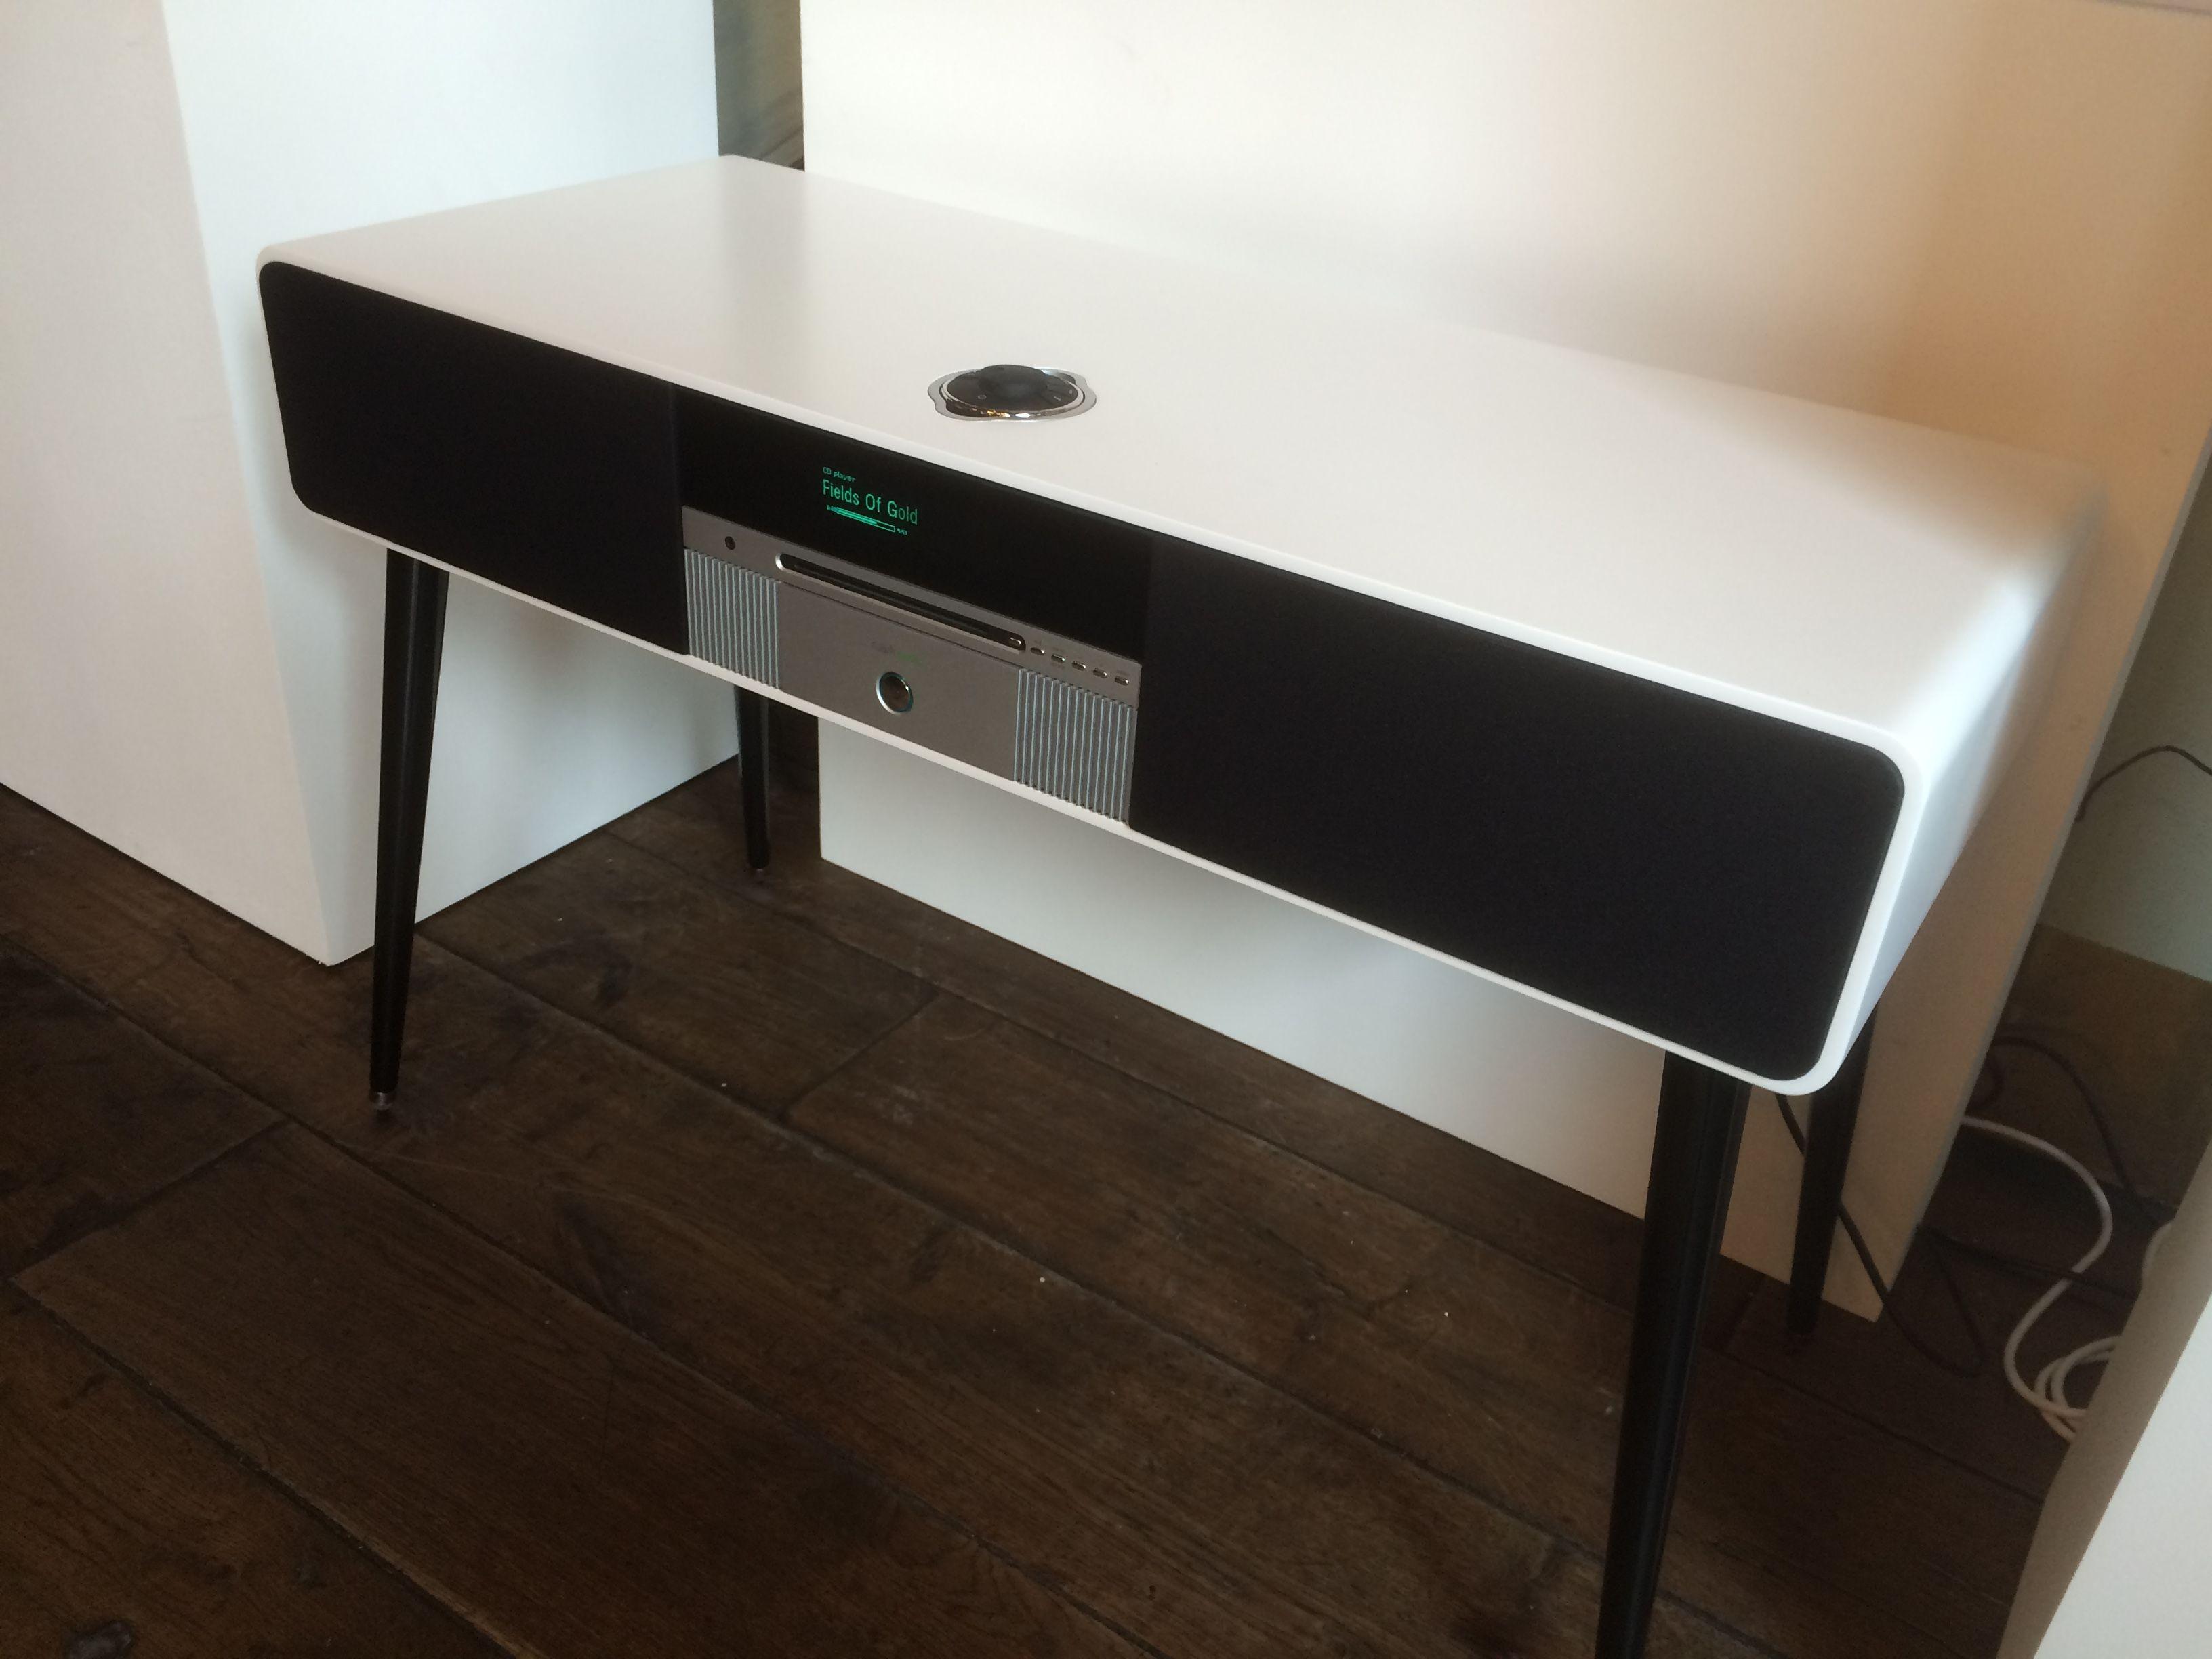 Boombox, Console, Multimedia, Speakers, Audio, Music Speakers, Roman  Consul, Consoles